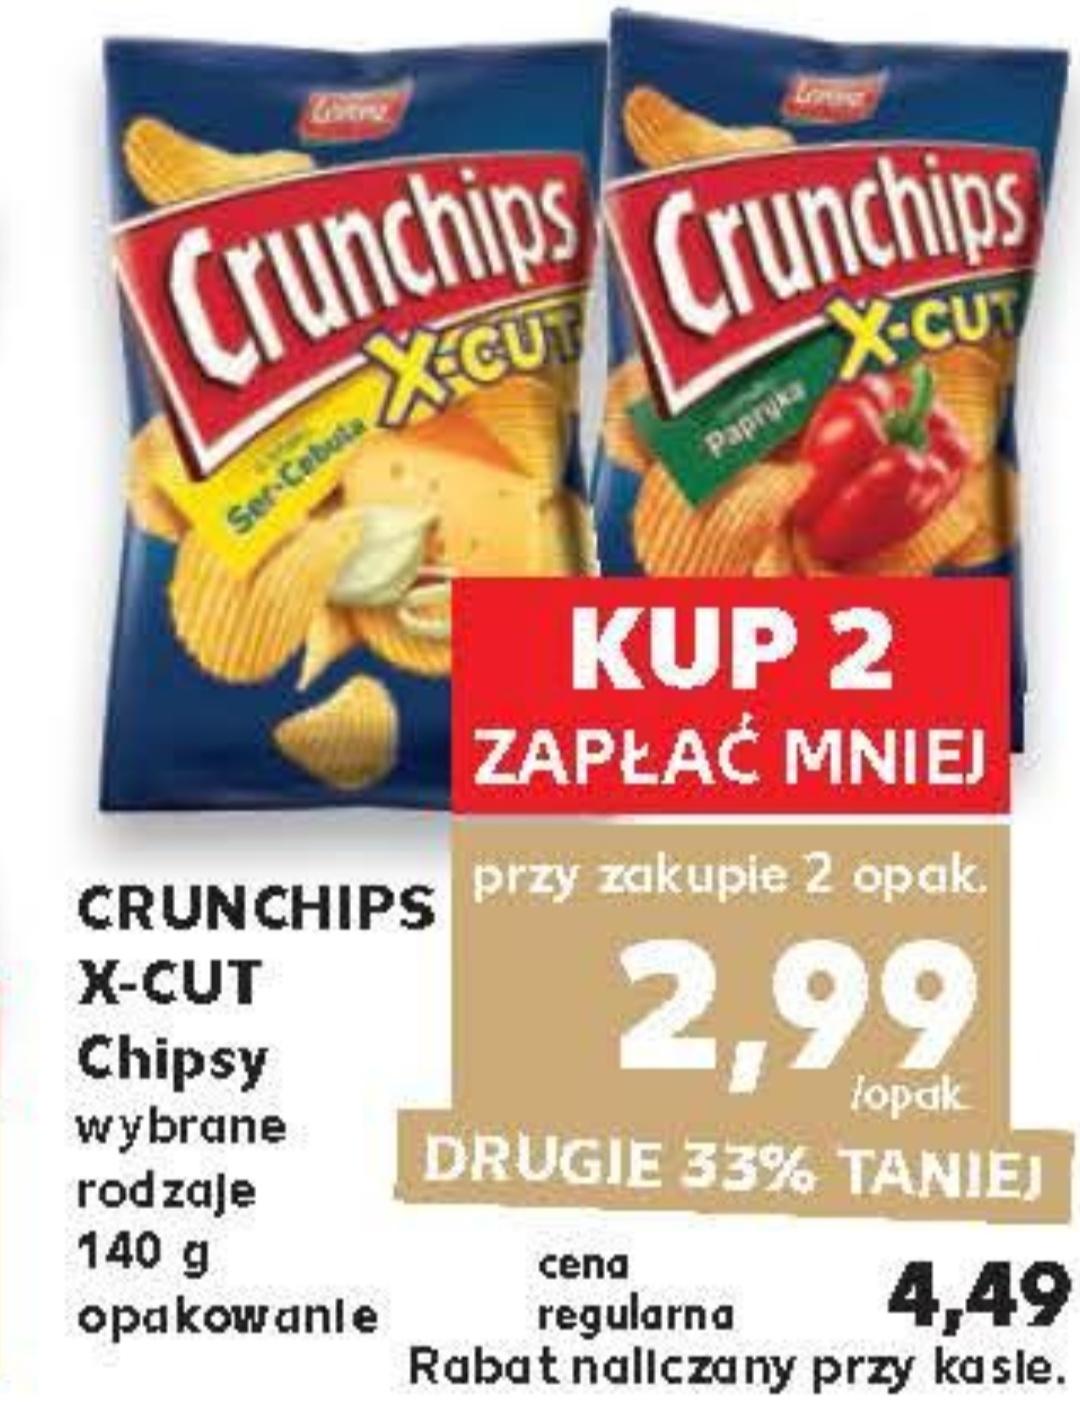 Crunchips X-cut 140 g,cena za opak przy zakupie dwóch opak@Kaufland 27.06-03.07